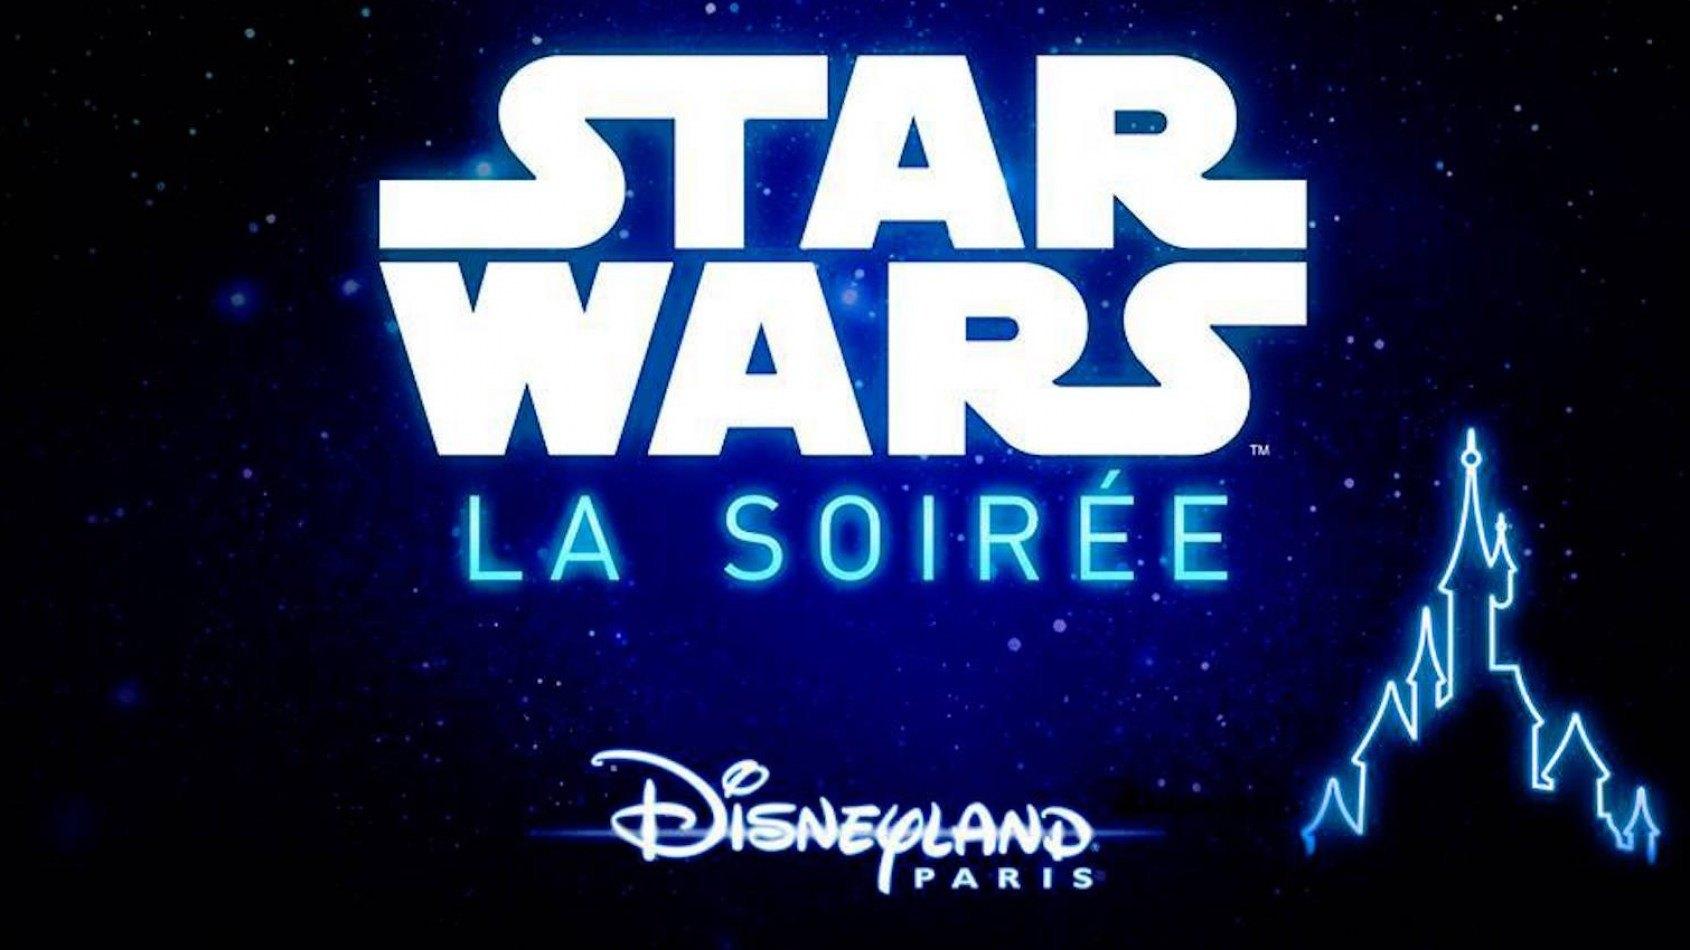 Soirée Star Wars à Disneyland Paris pour le 16 décembre !